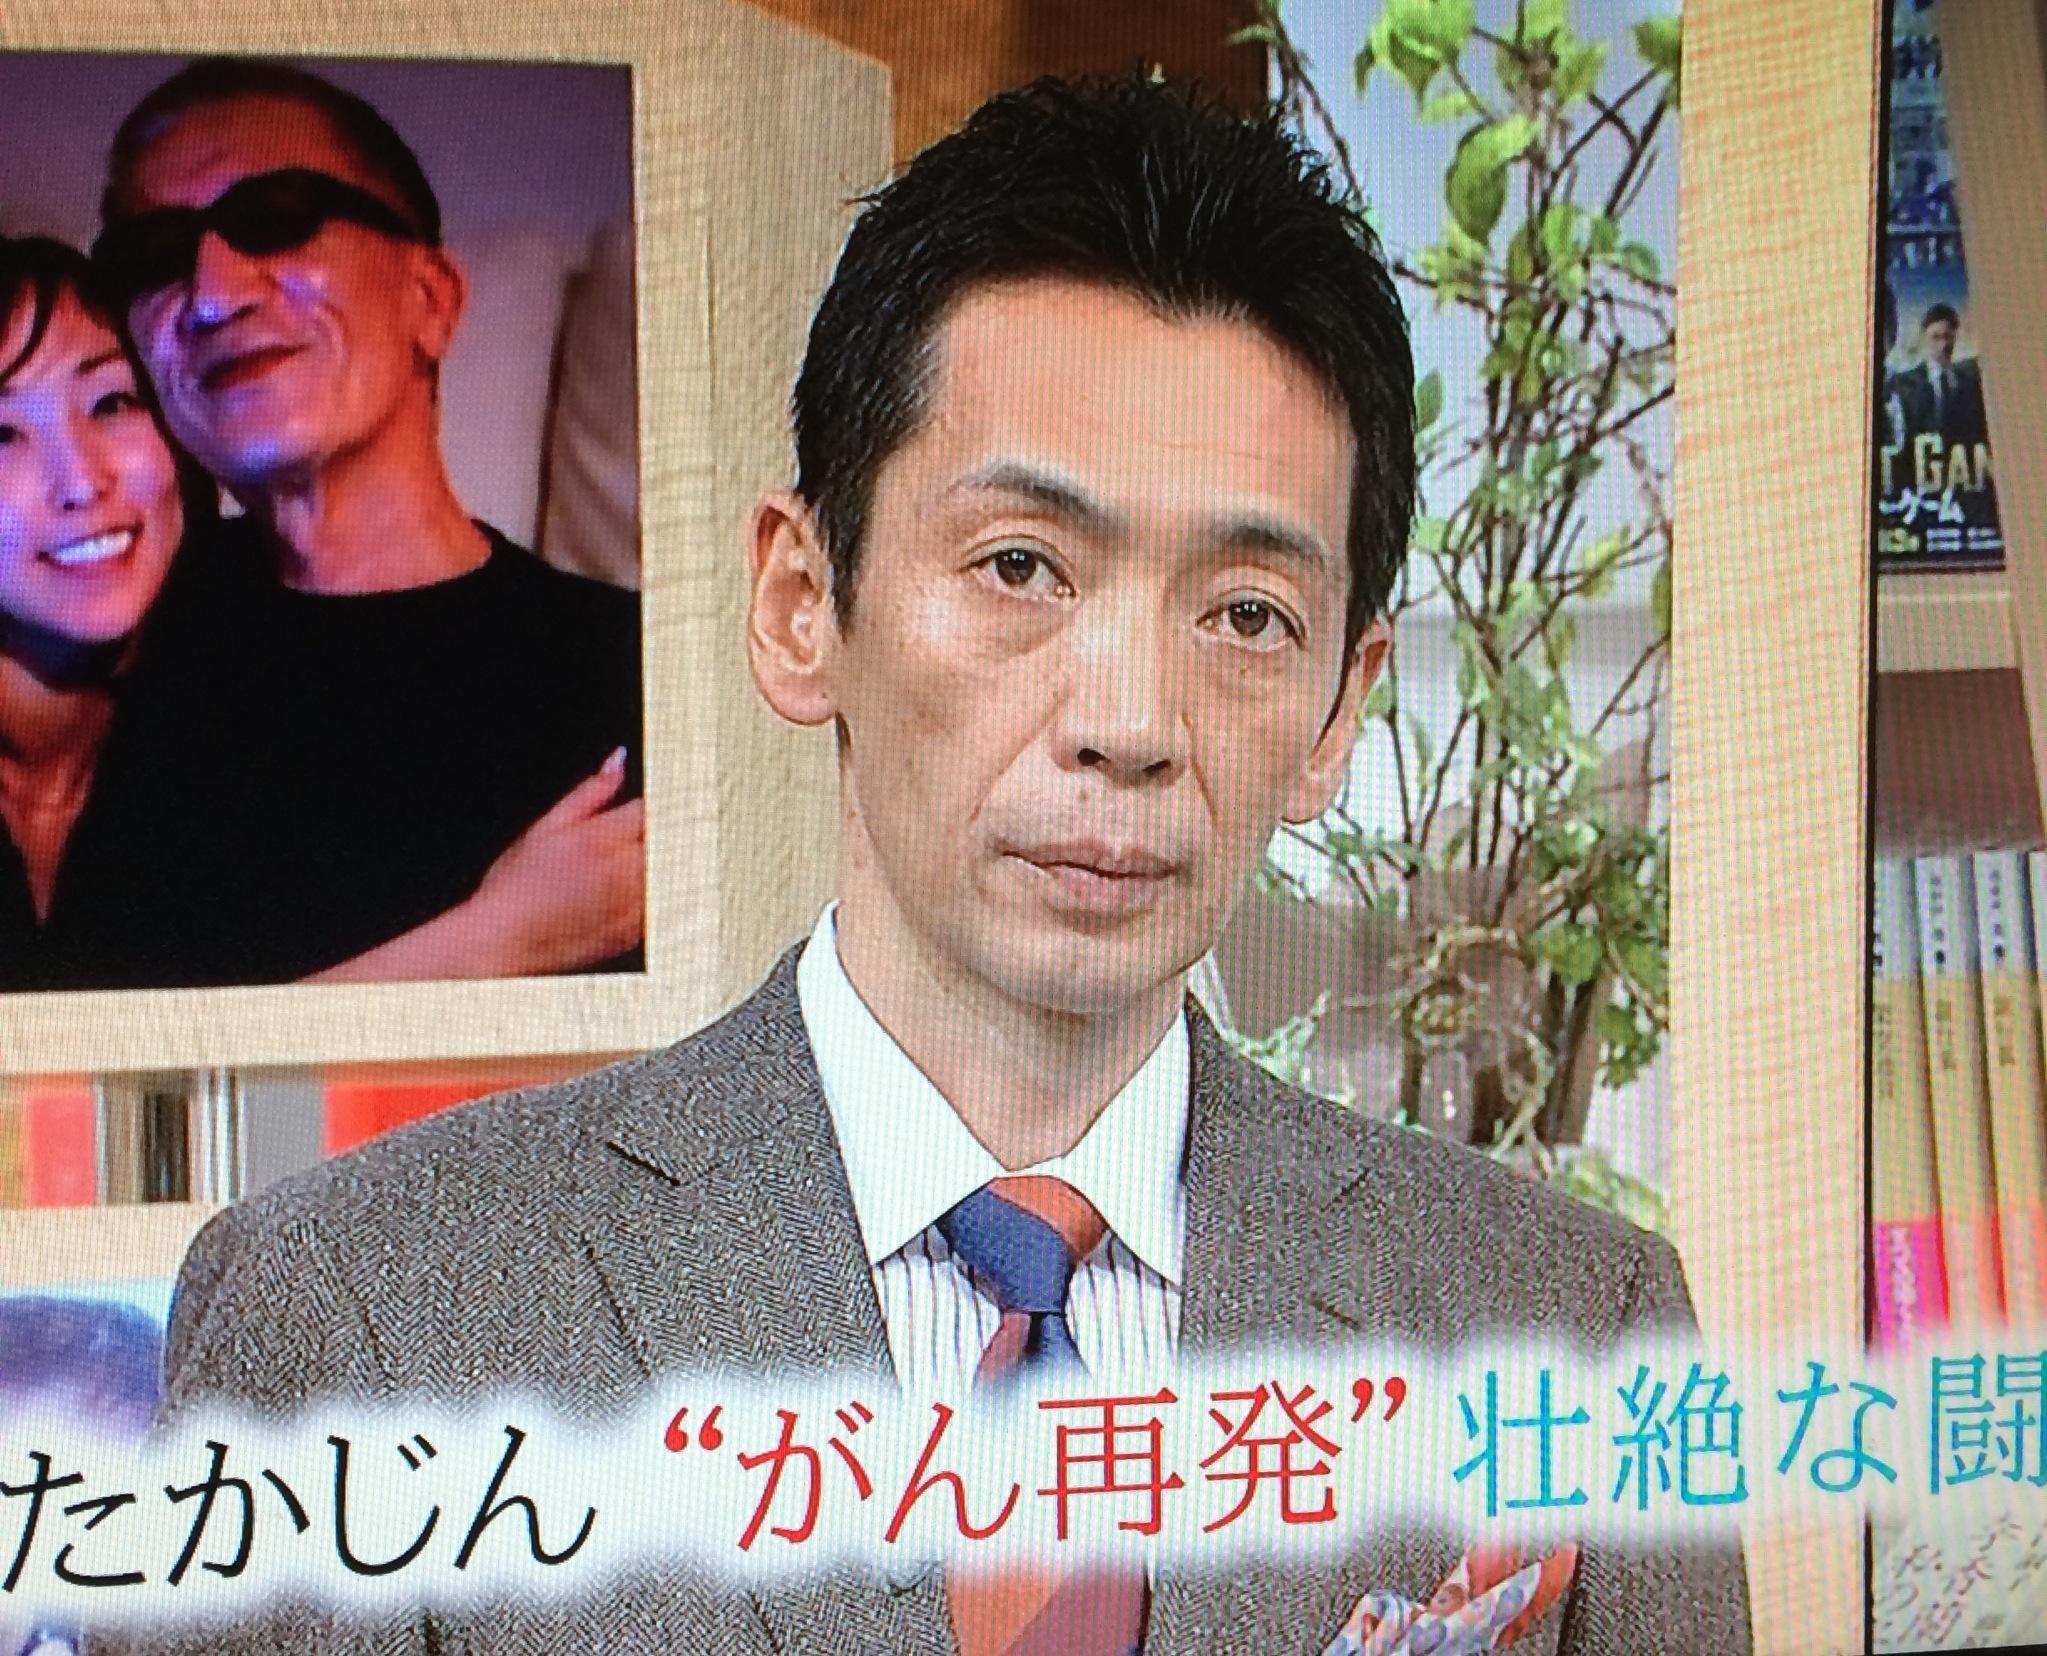 宮根誠司さんの痩せっぷりにビックリ!大丈夫ですか?